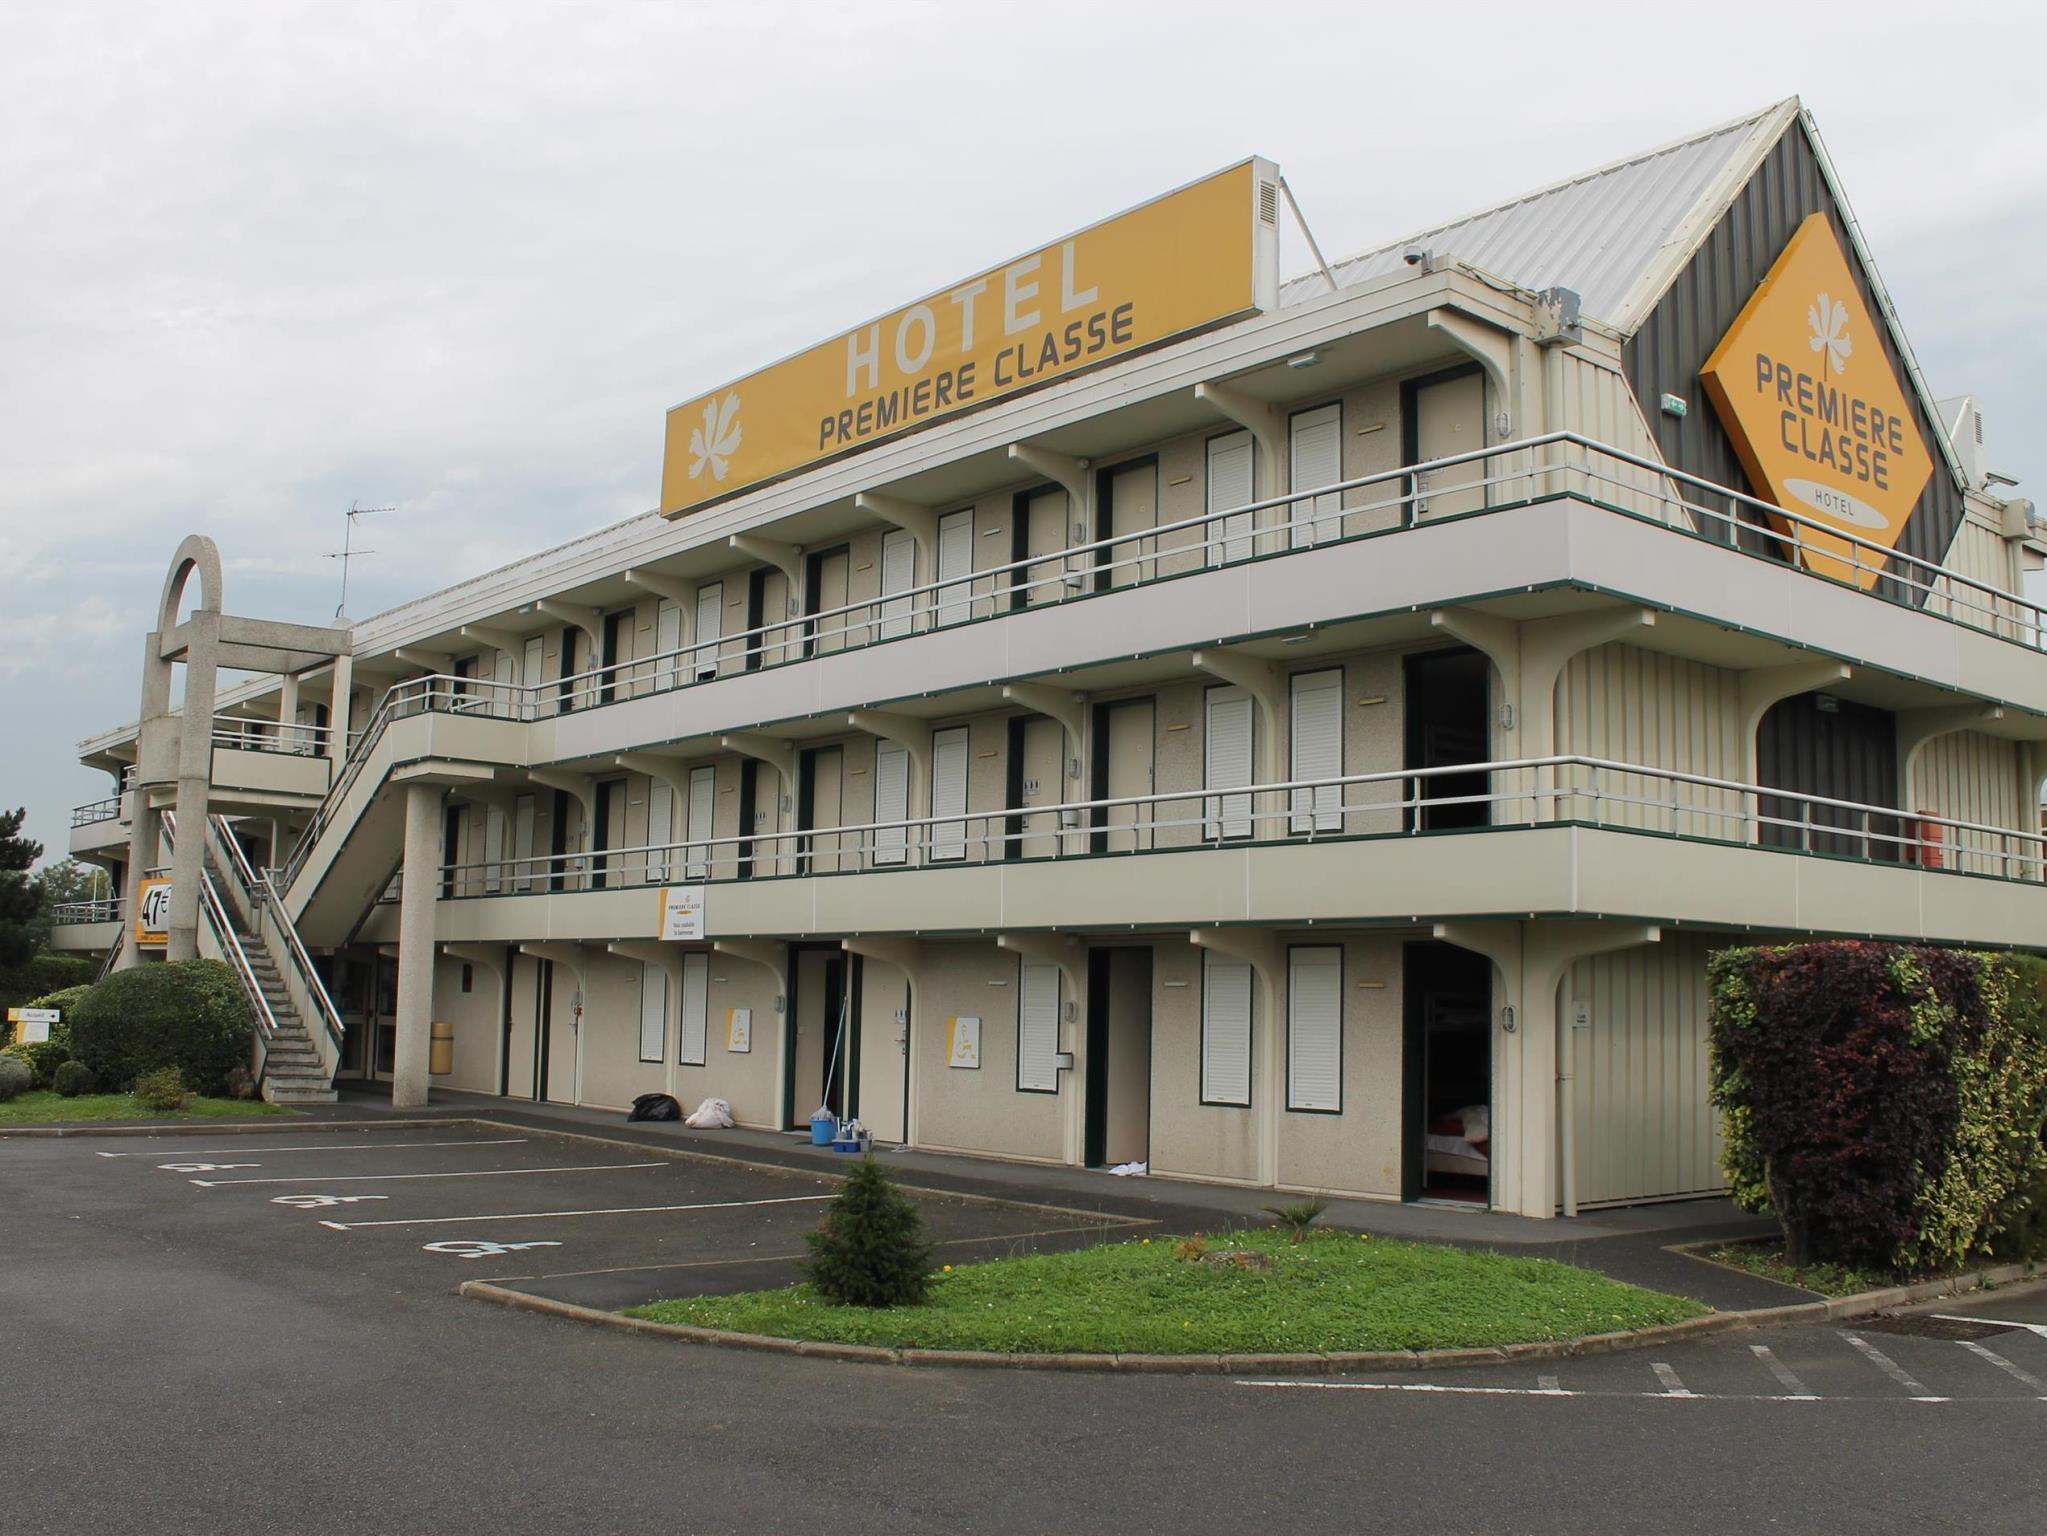 Hotel Premiere Classe Saint Ouen L'Aumone